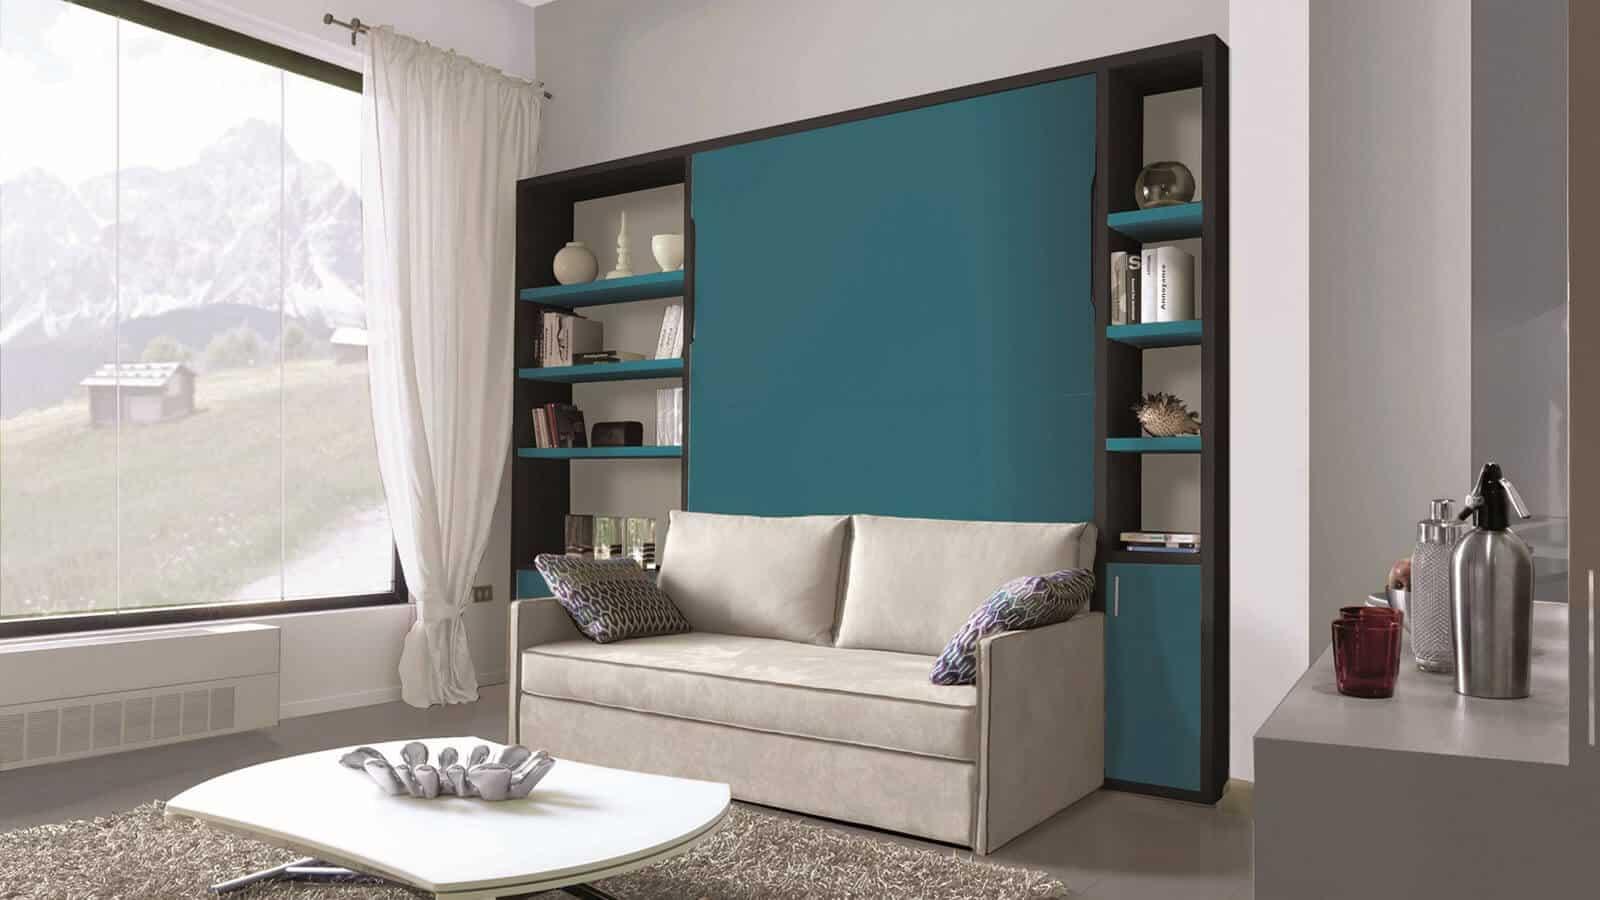 Lit escamotable canap gain de place optimal annecy - Canape lit studio ...